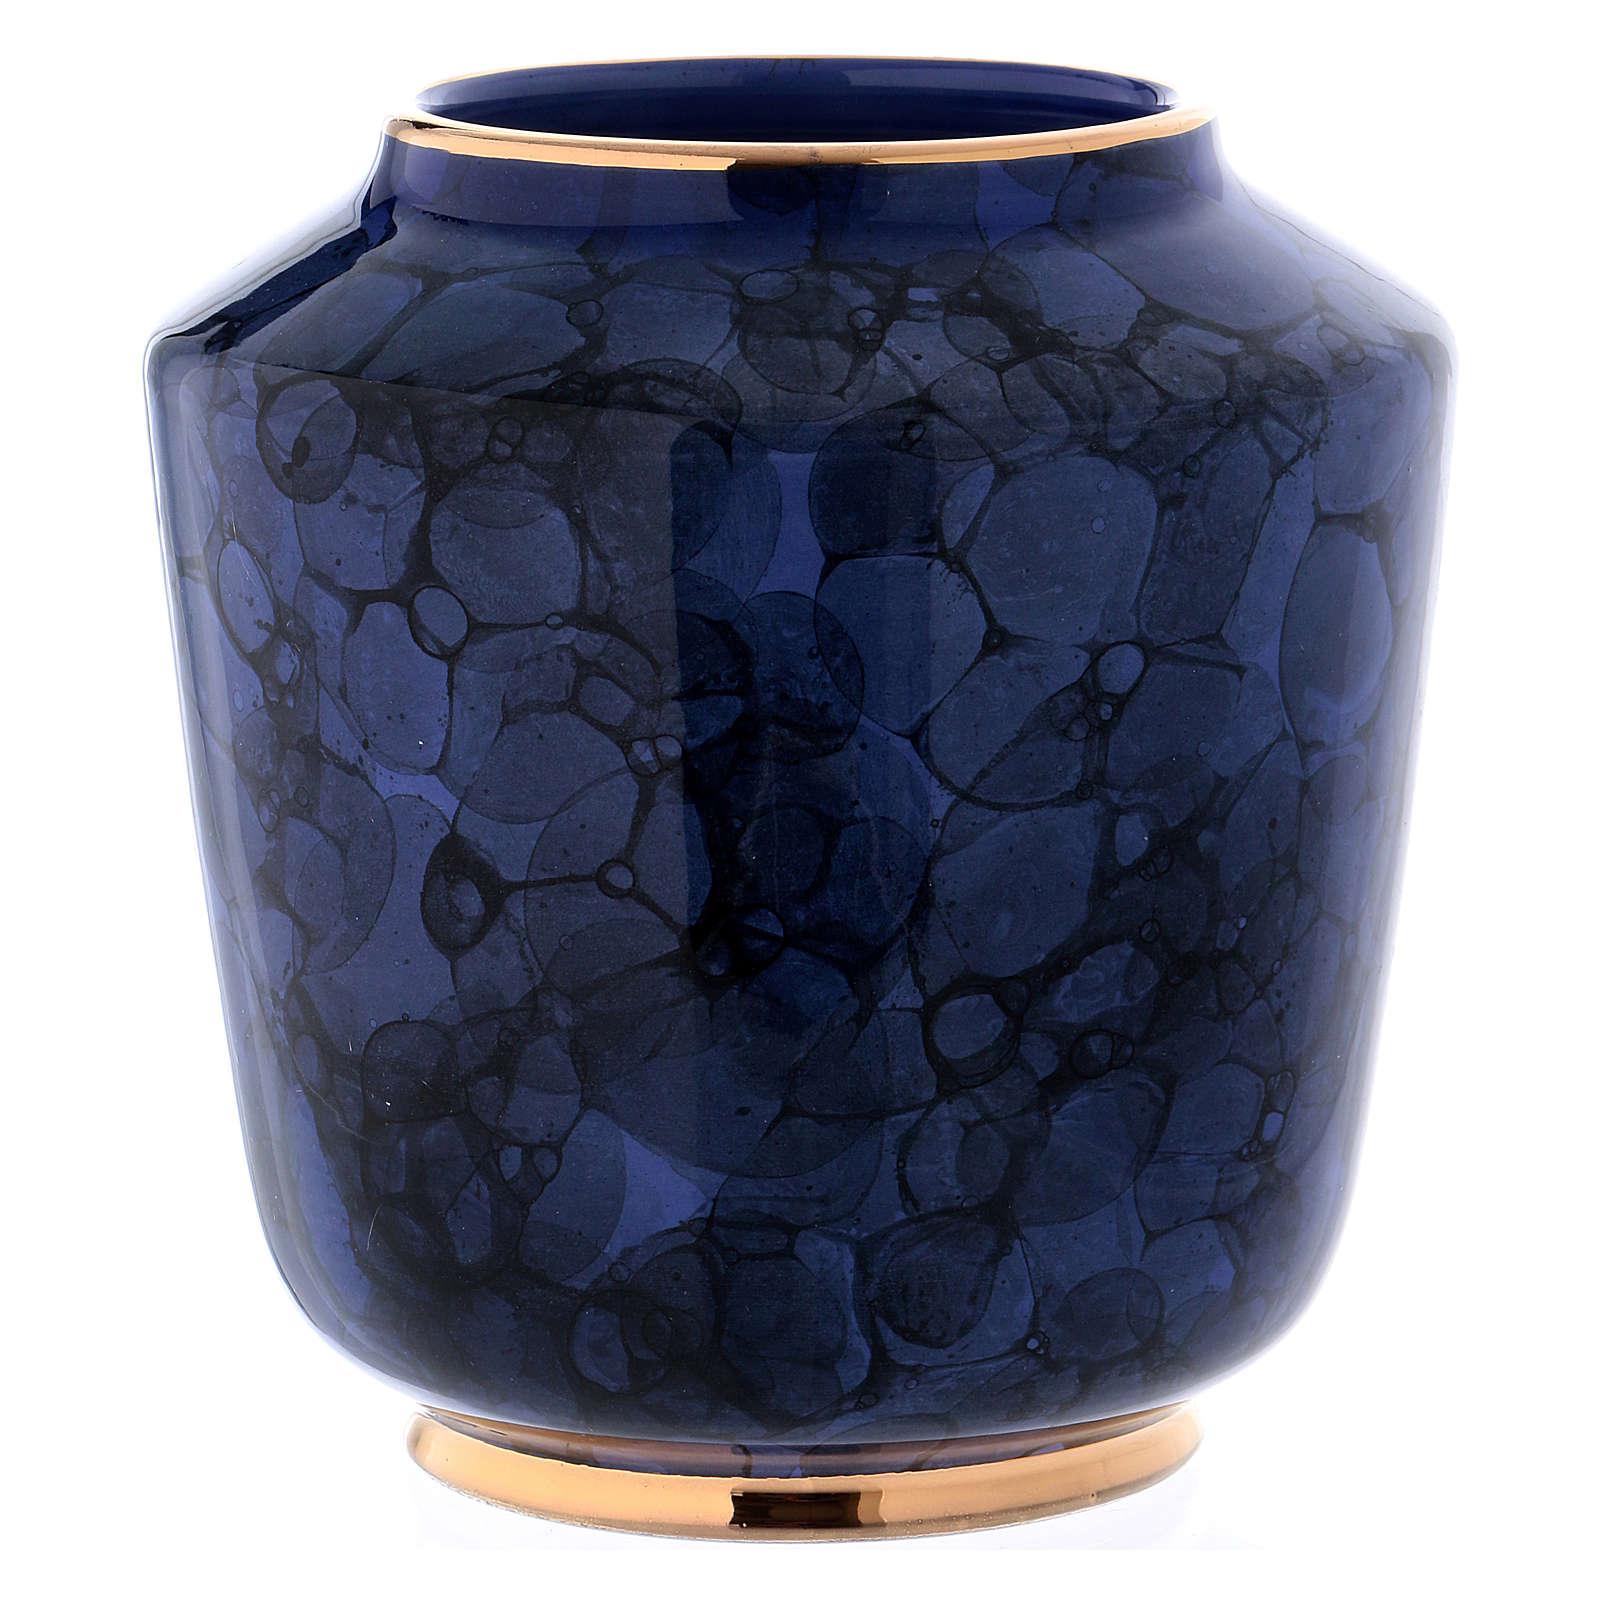 Urna pogrzebowa na prochy dekoracje Bańki niebieski ultramaryna brzeg złoty 3